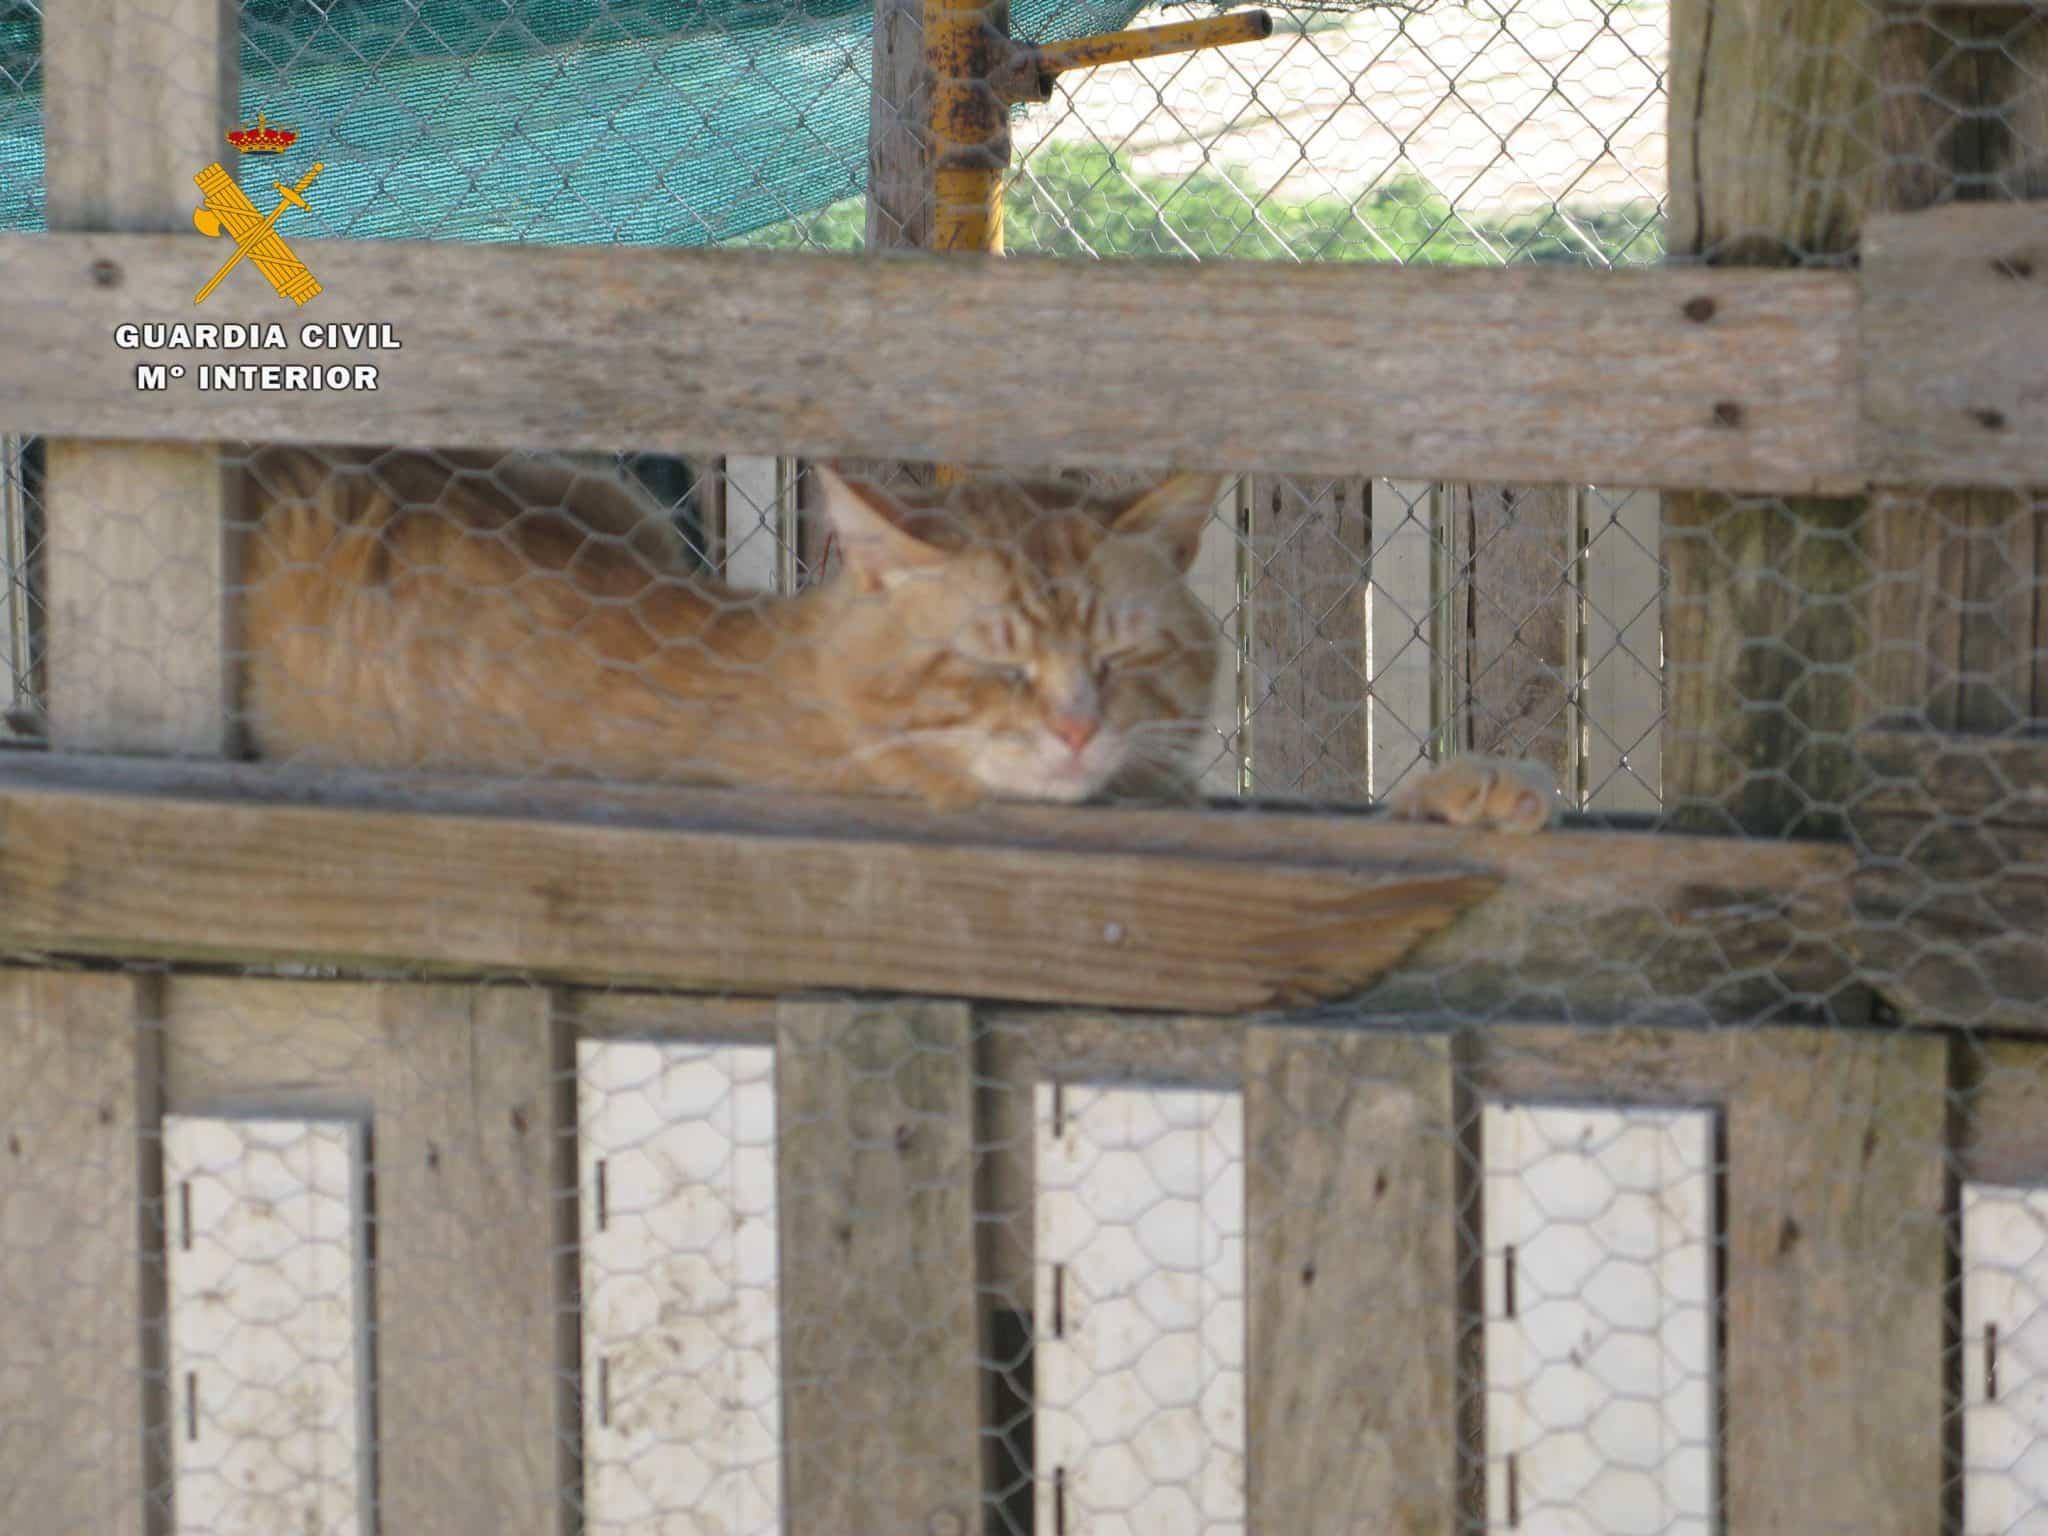 El SEPRONA localiza un 'zoo' ilegal en San Vicente de la Sonsierra con 159 animales 5